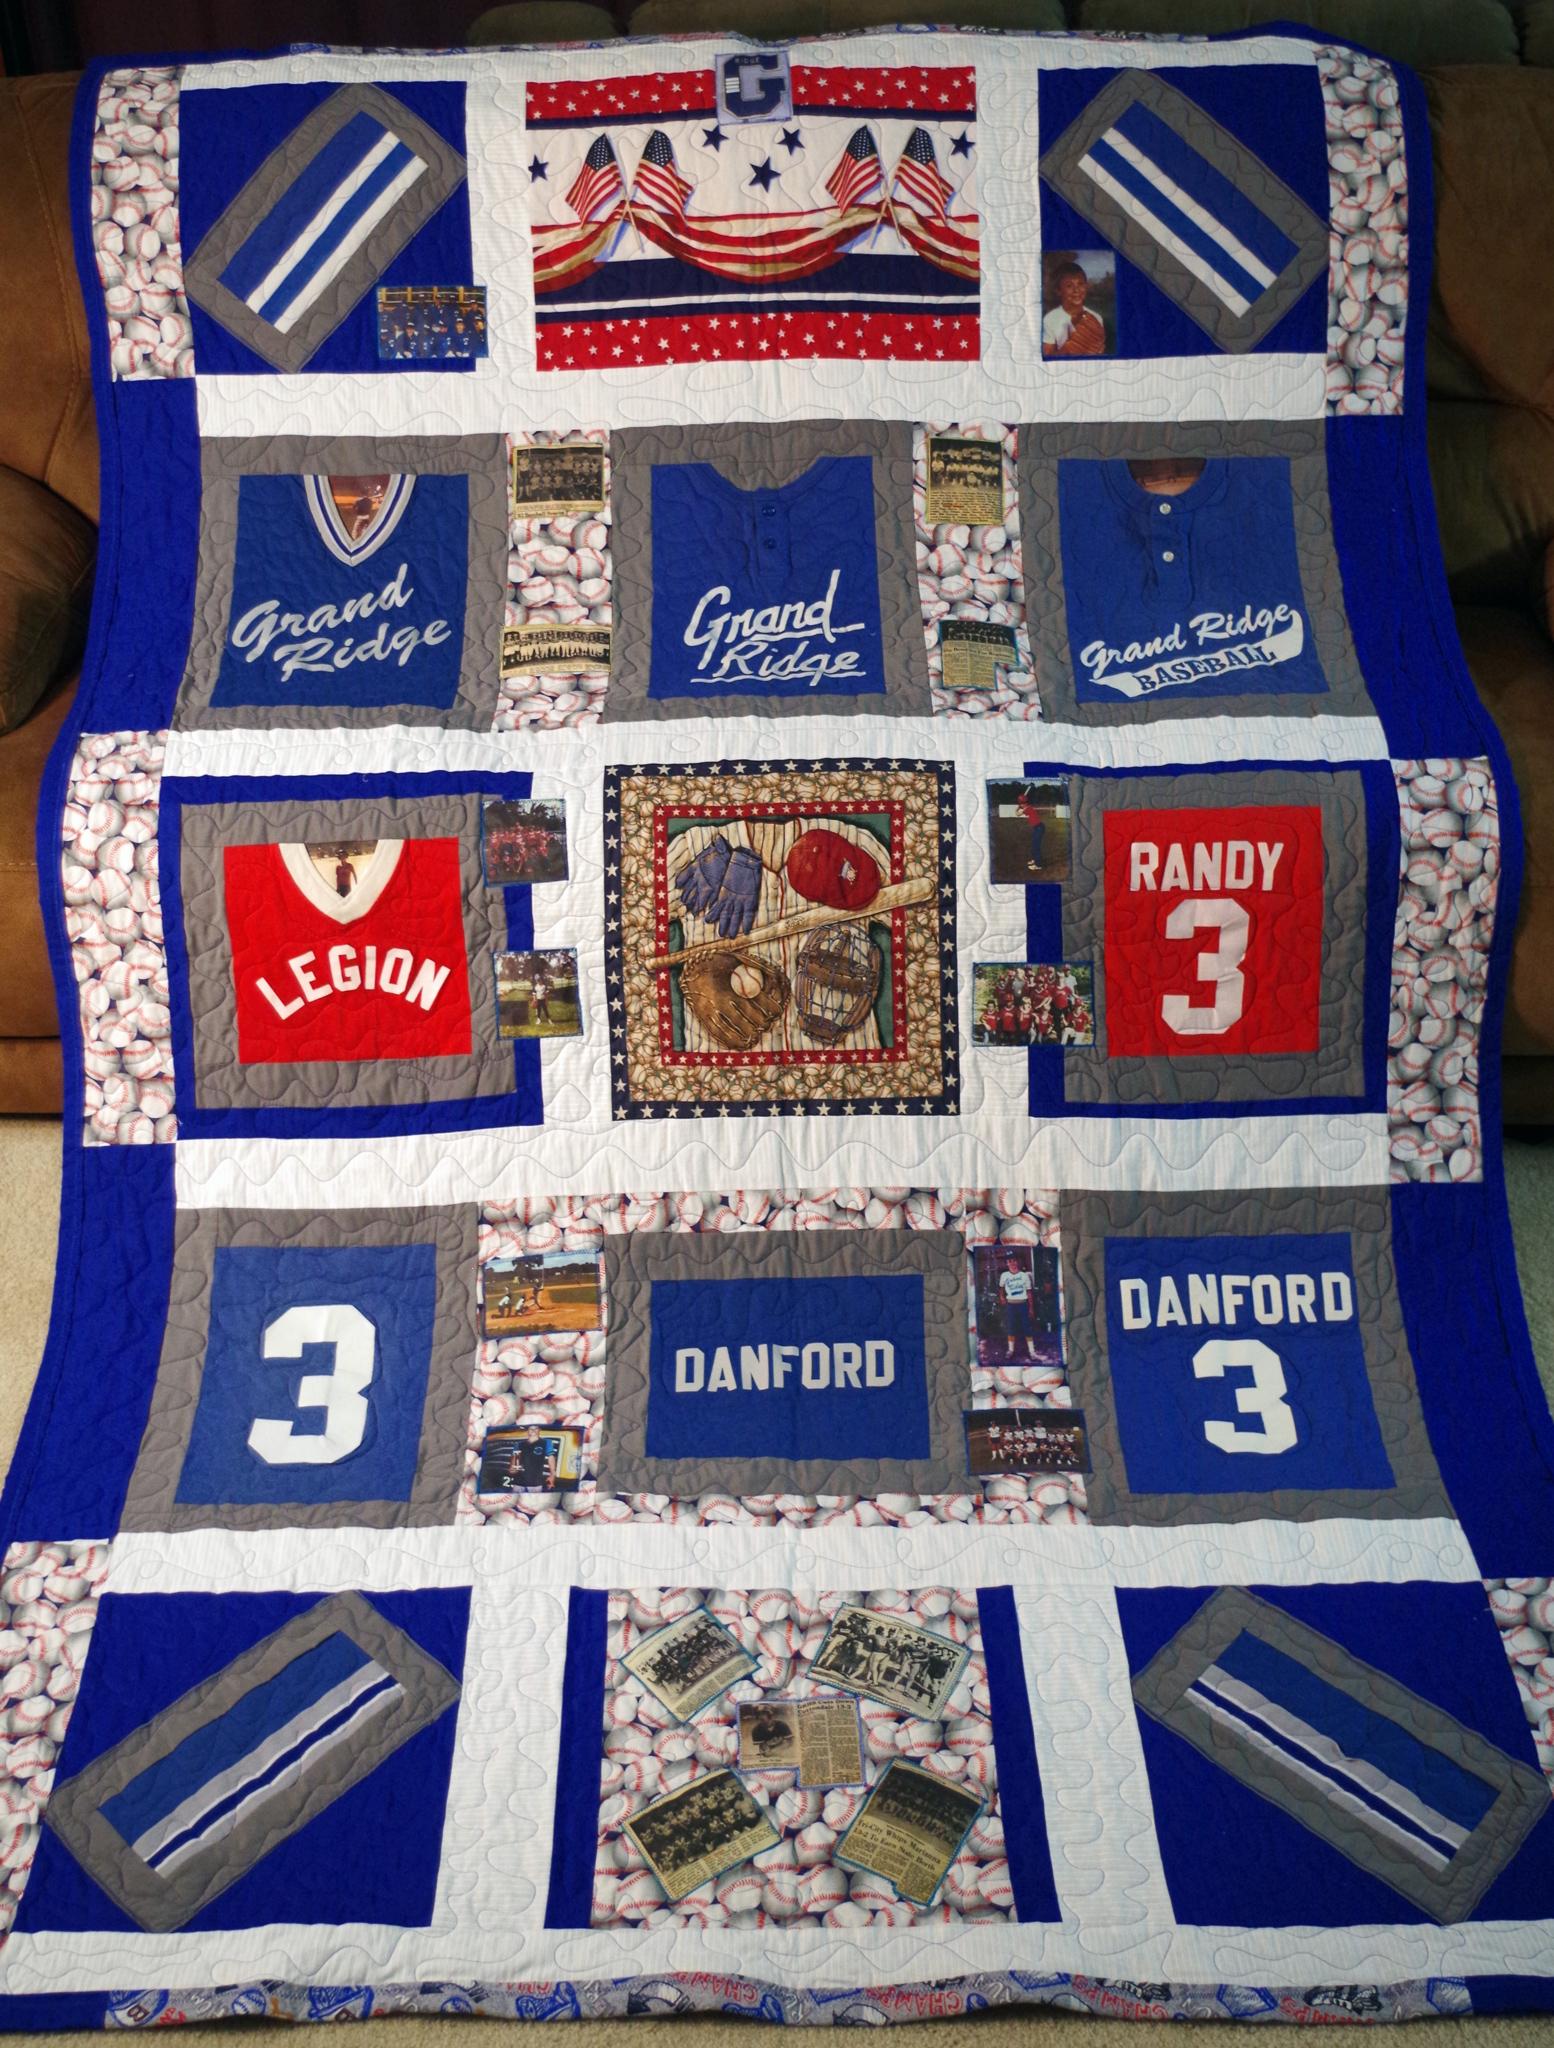 Baseball Quilt for Randy Danford